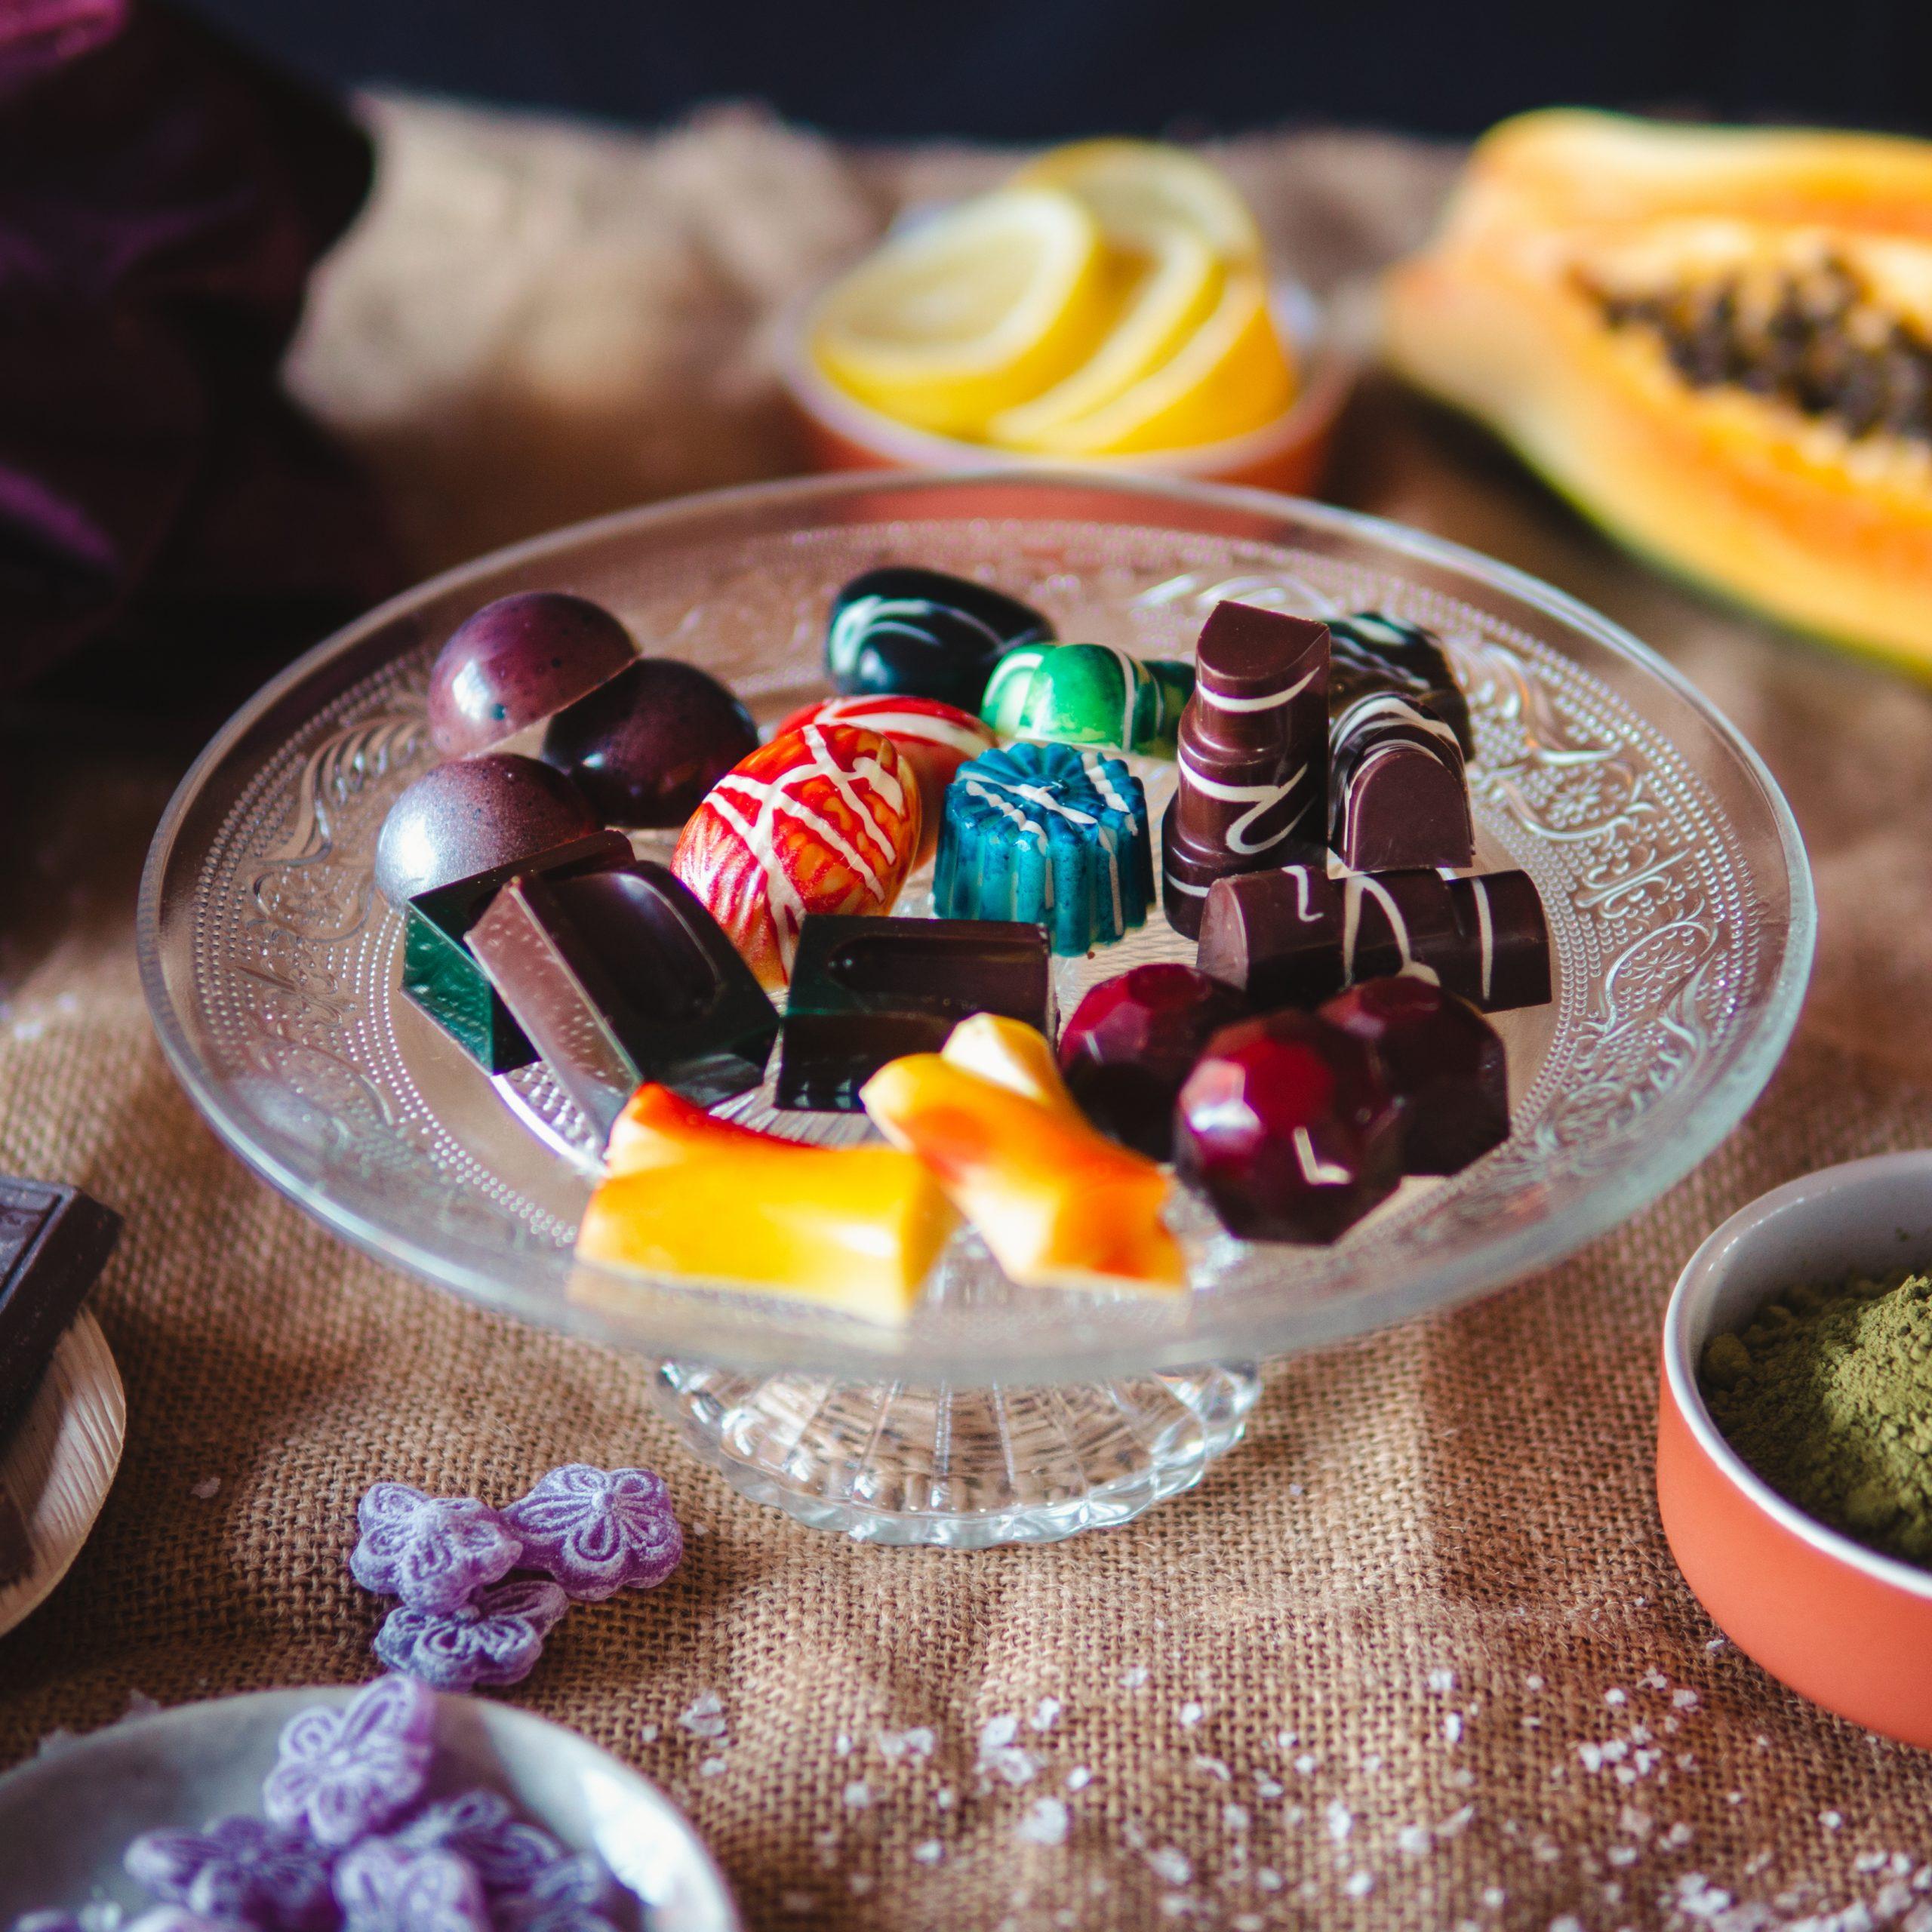 Surtido de bombones - caramelo salado, té matcha, cítricos, frutas exóticas, peta zeta, y violetas - Komo